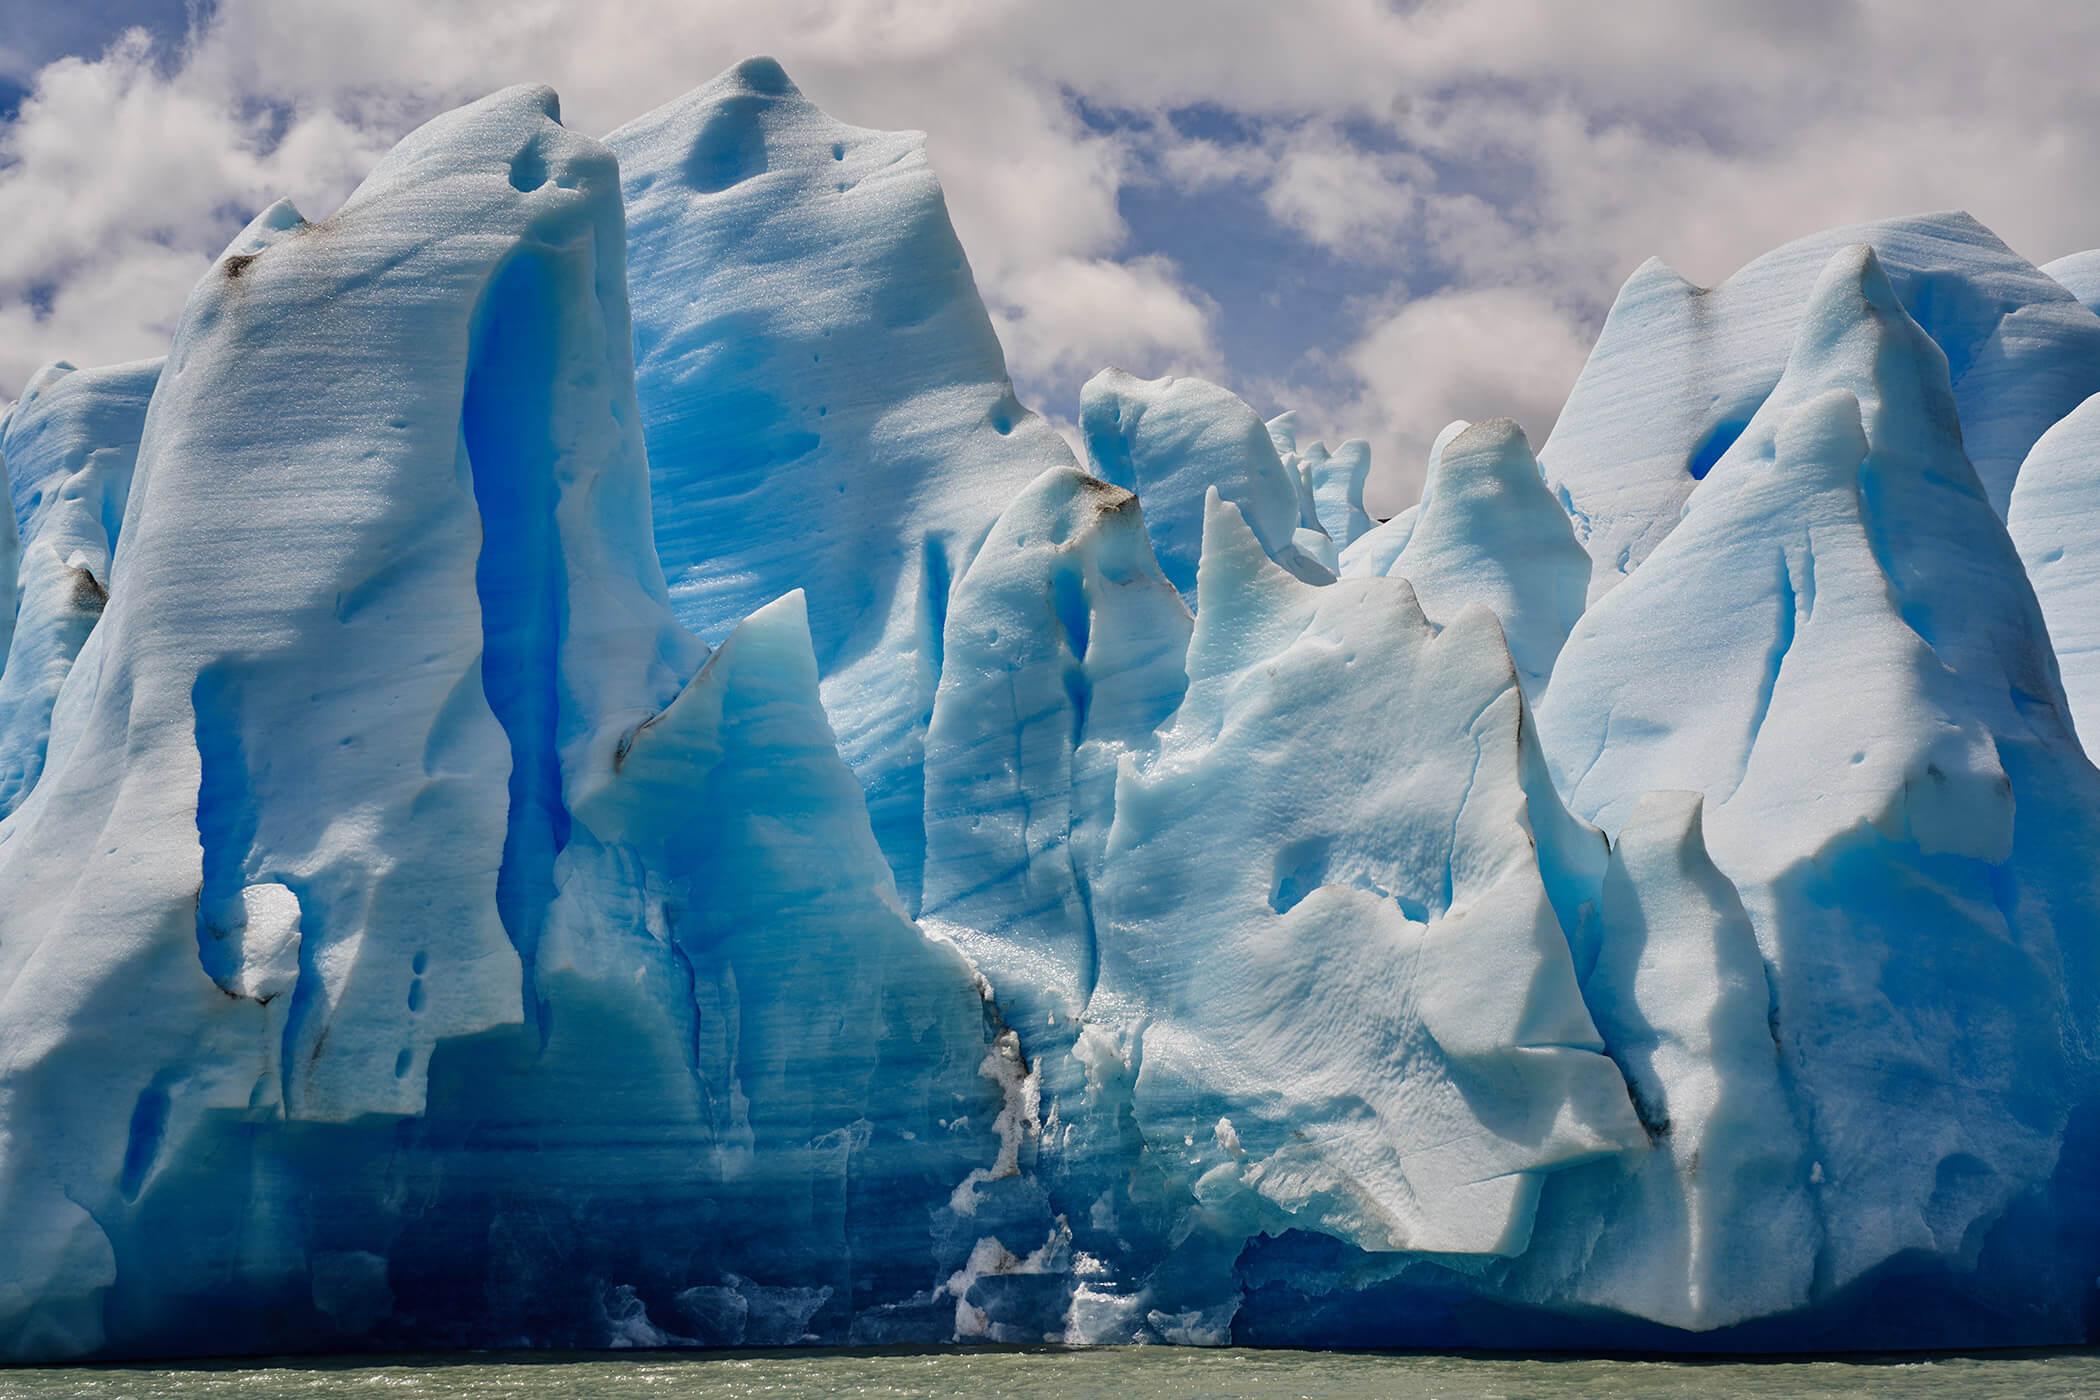 地球温暖化対策の決め手! 自然エネルギーが果たす役割とは